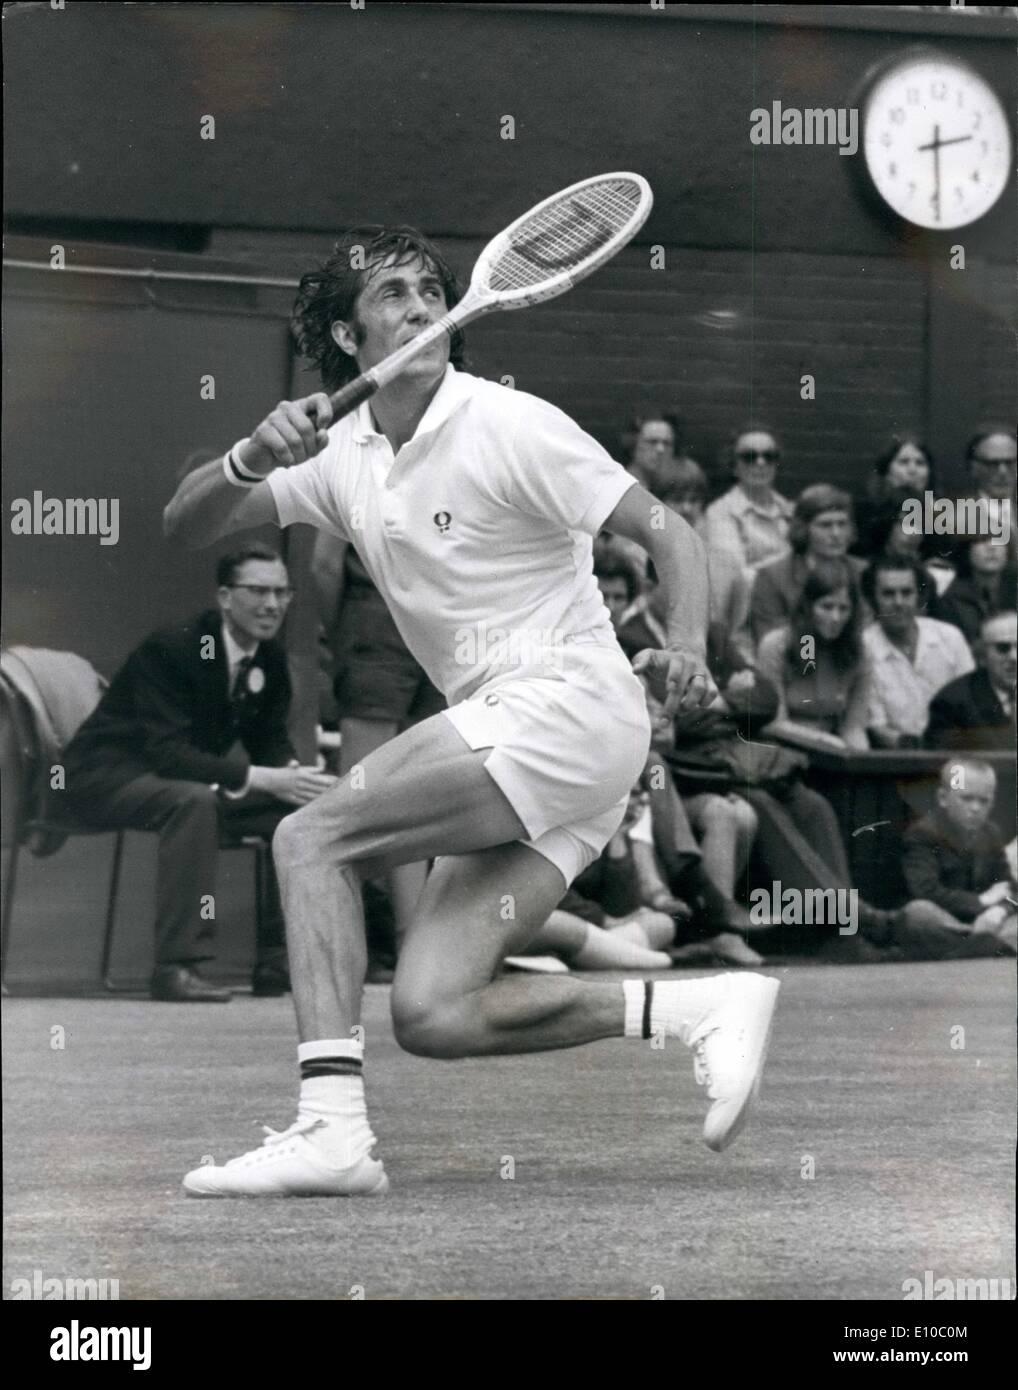 pas cher pour réduction 0ec46 4472e Jun. 06, 1972 - Tennis at Wimbledon. Stan Smith Wins Men's ...